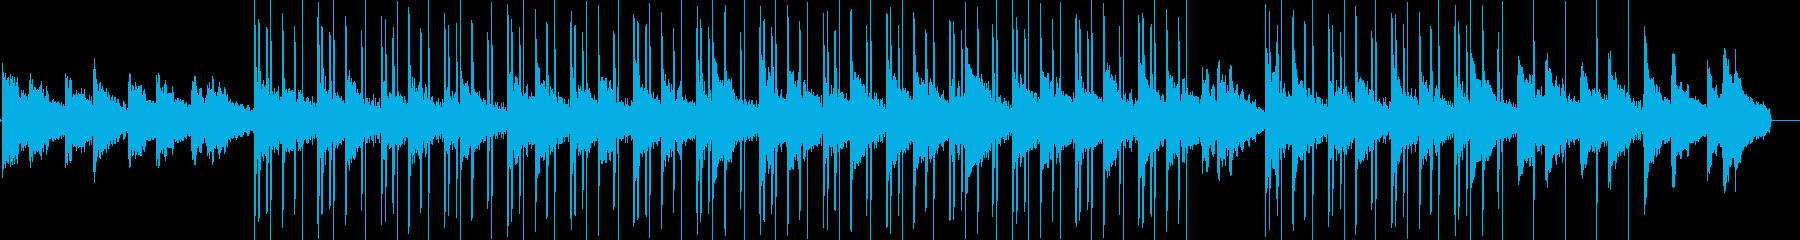 【チルアウト】心地いいLoFiトラップの再生済みの波形